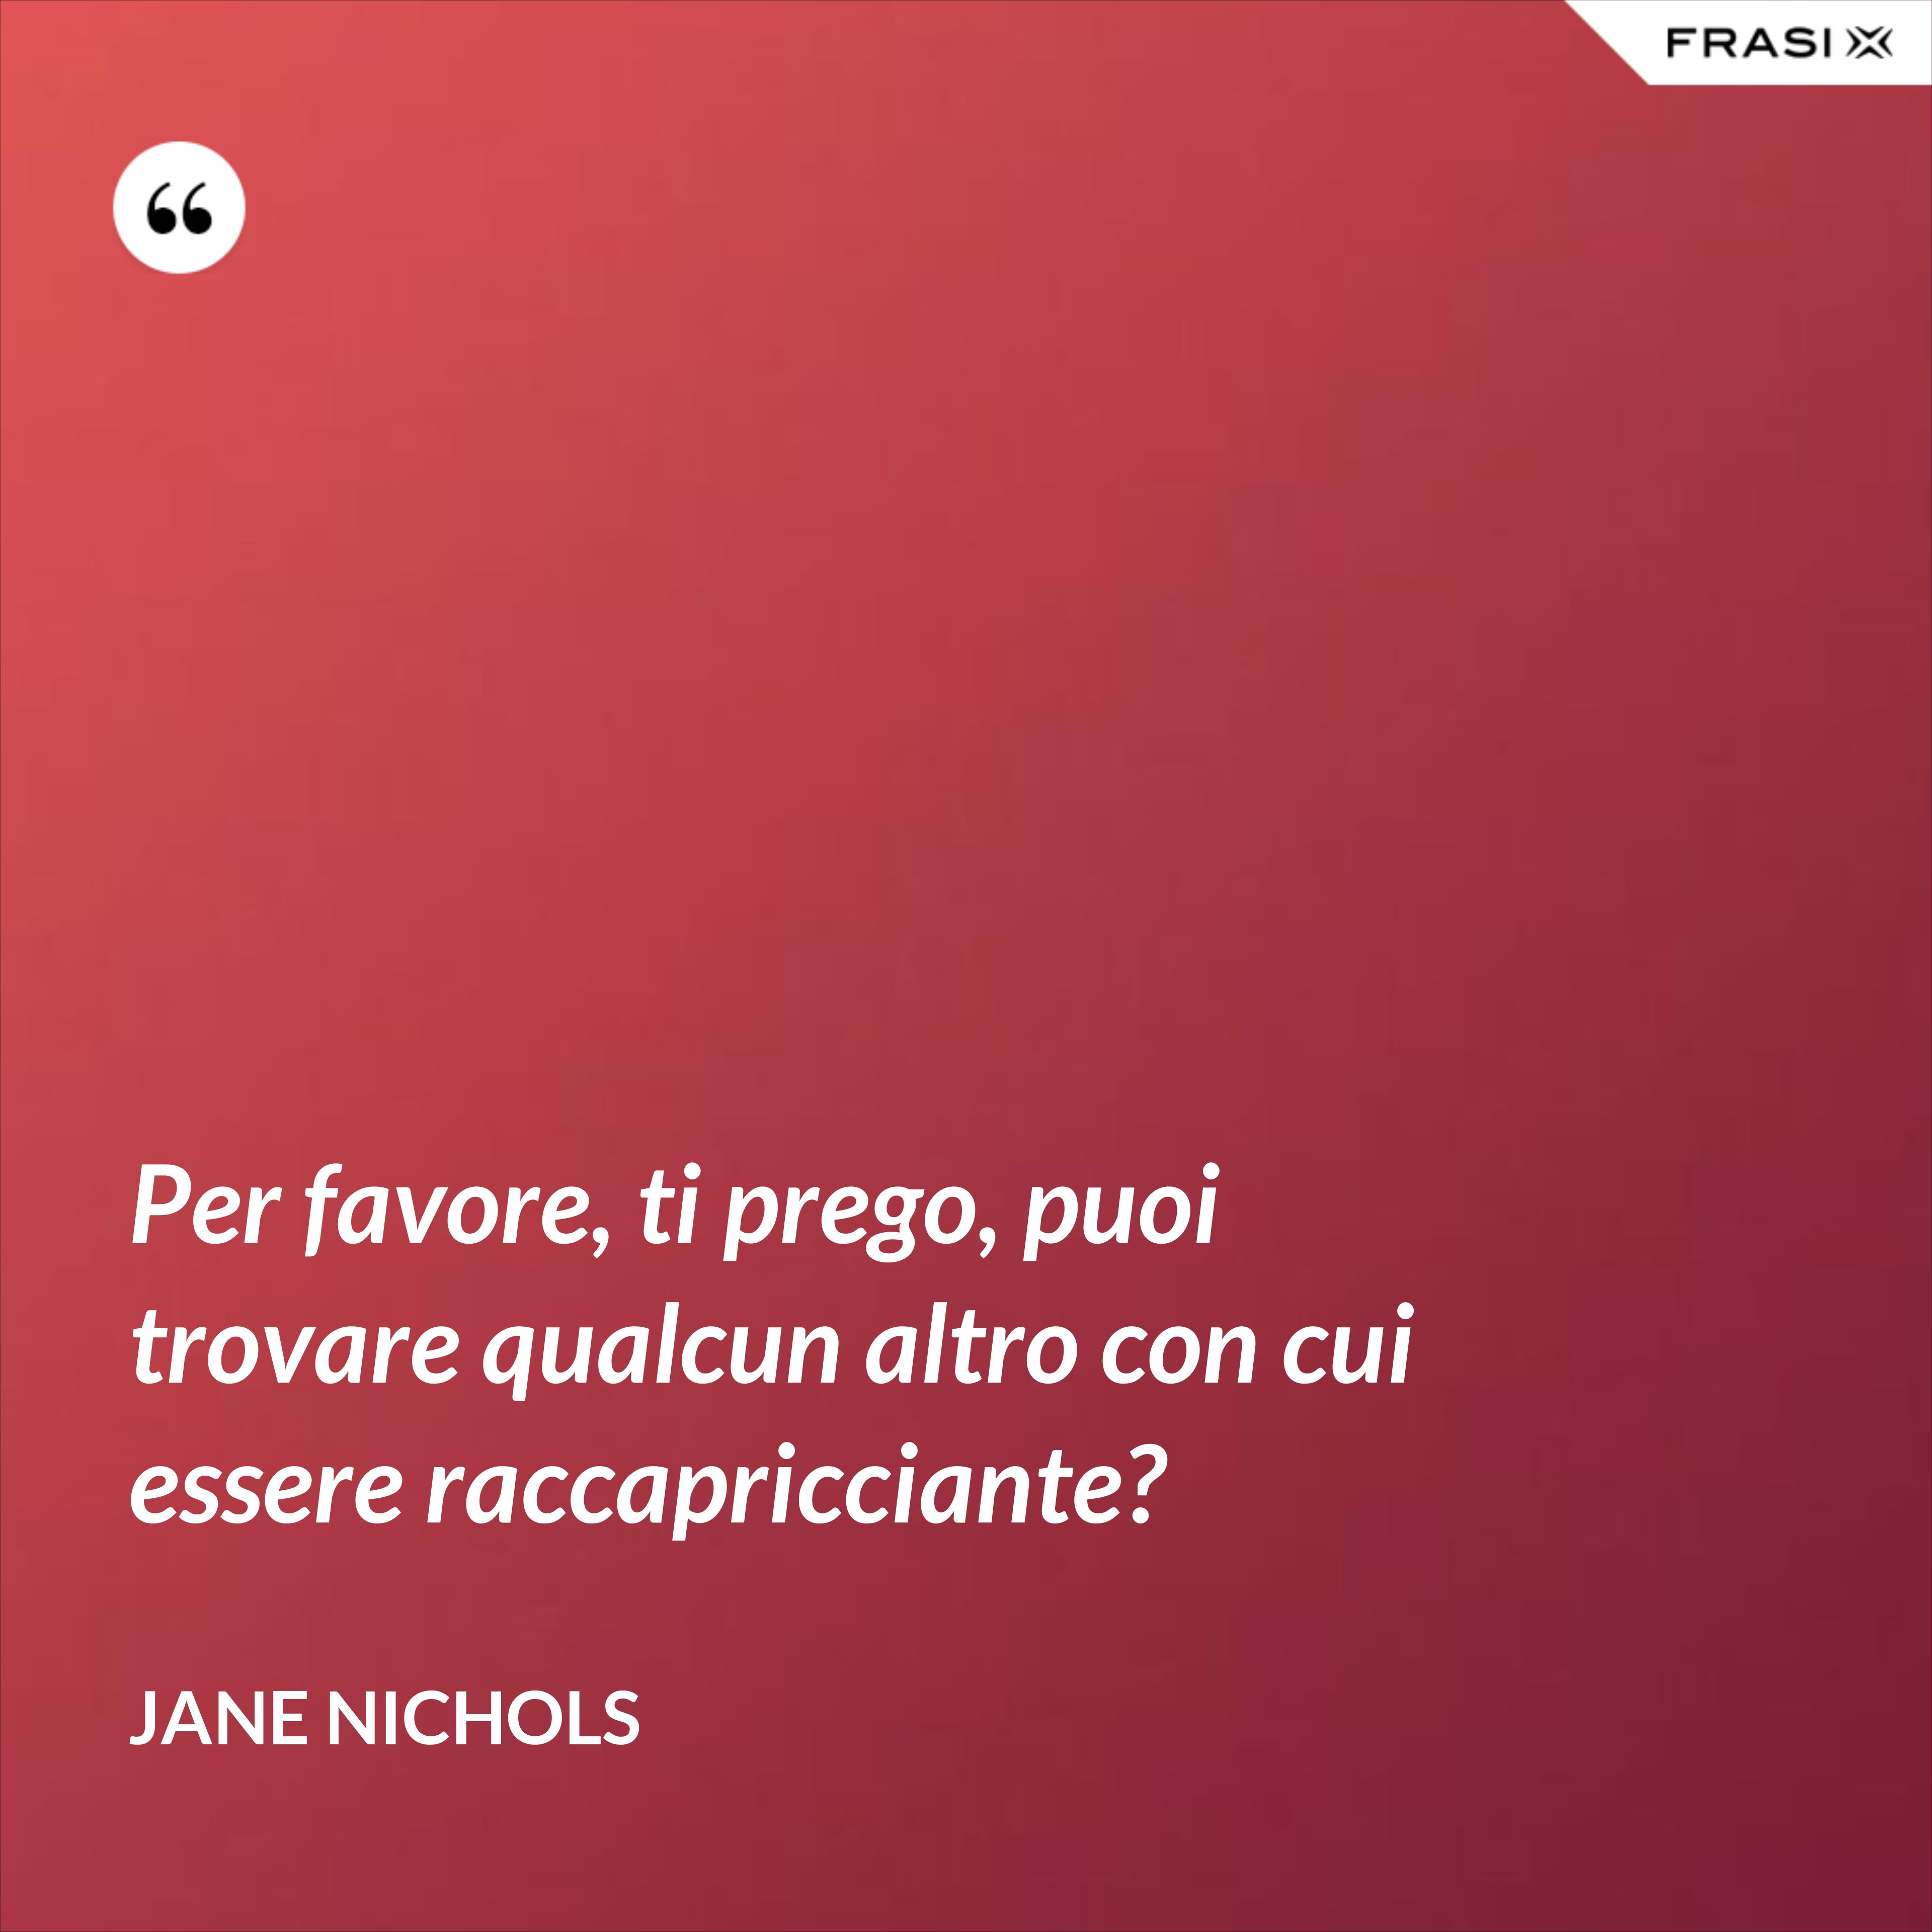 Per favore, ti prego, puoi trovare qualcun altro con cui essere raccapricciante? - Jane Nichols